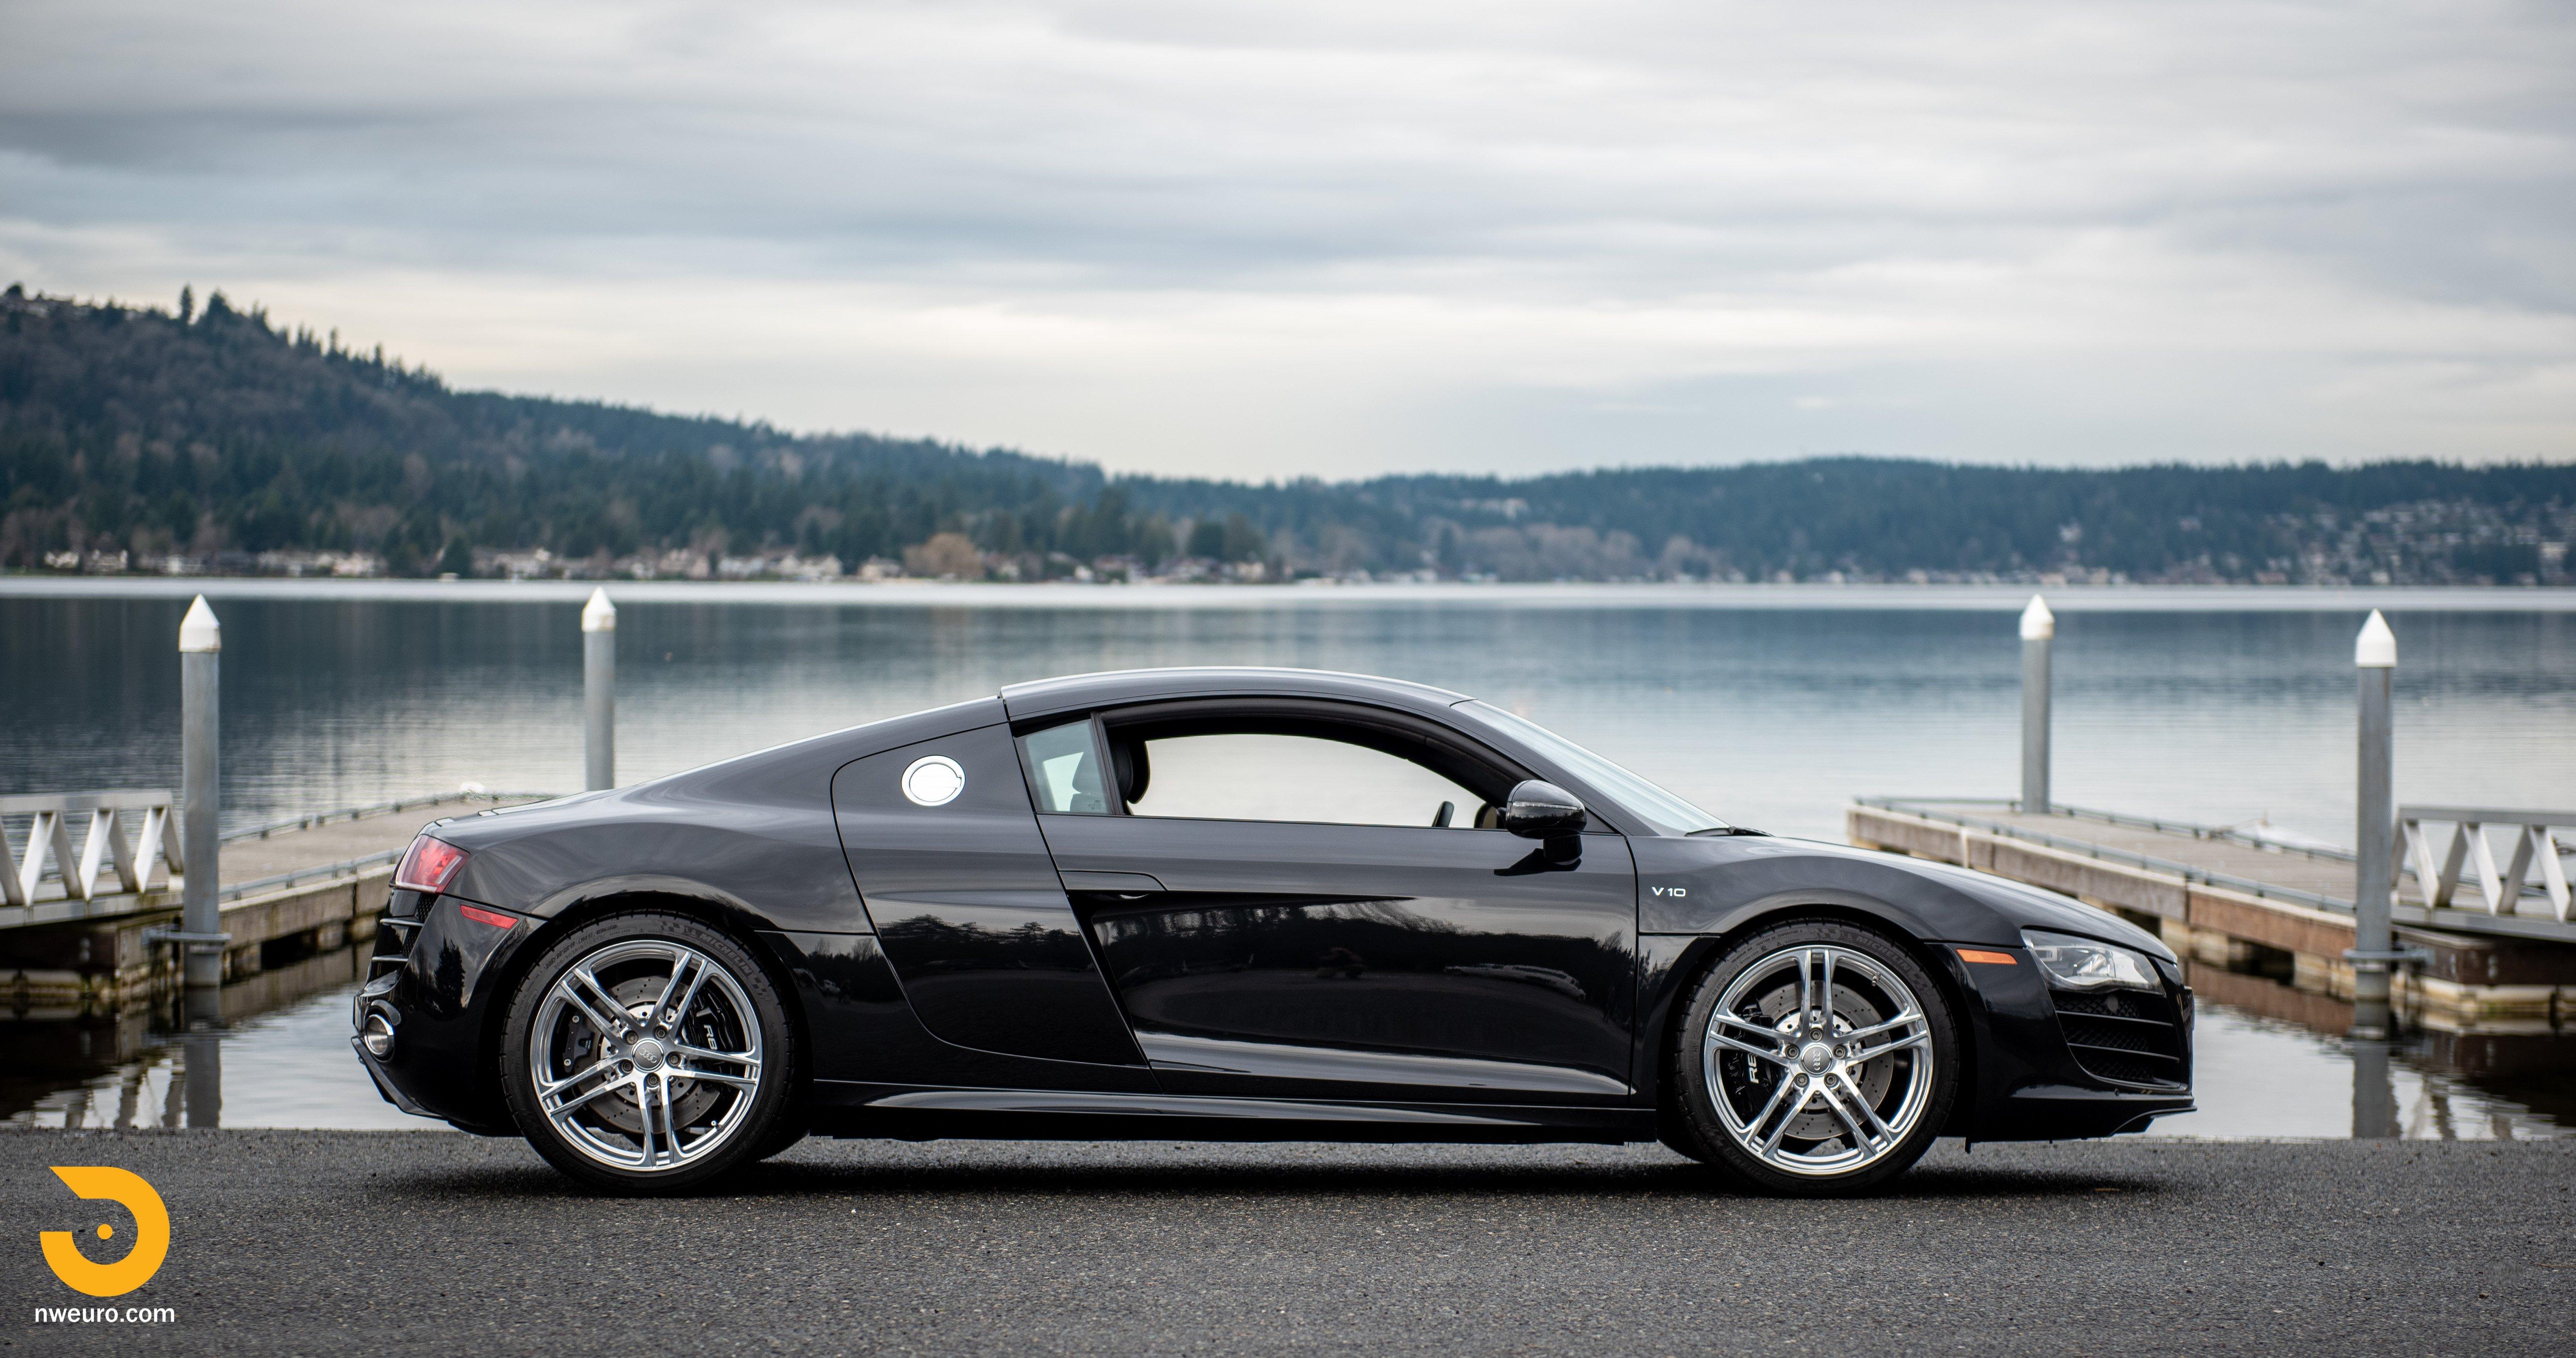 Kekurangan Audi R8 2010 Perbandingan Harga